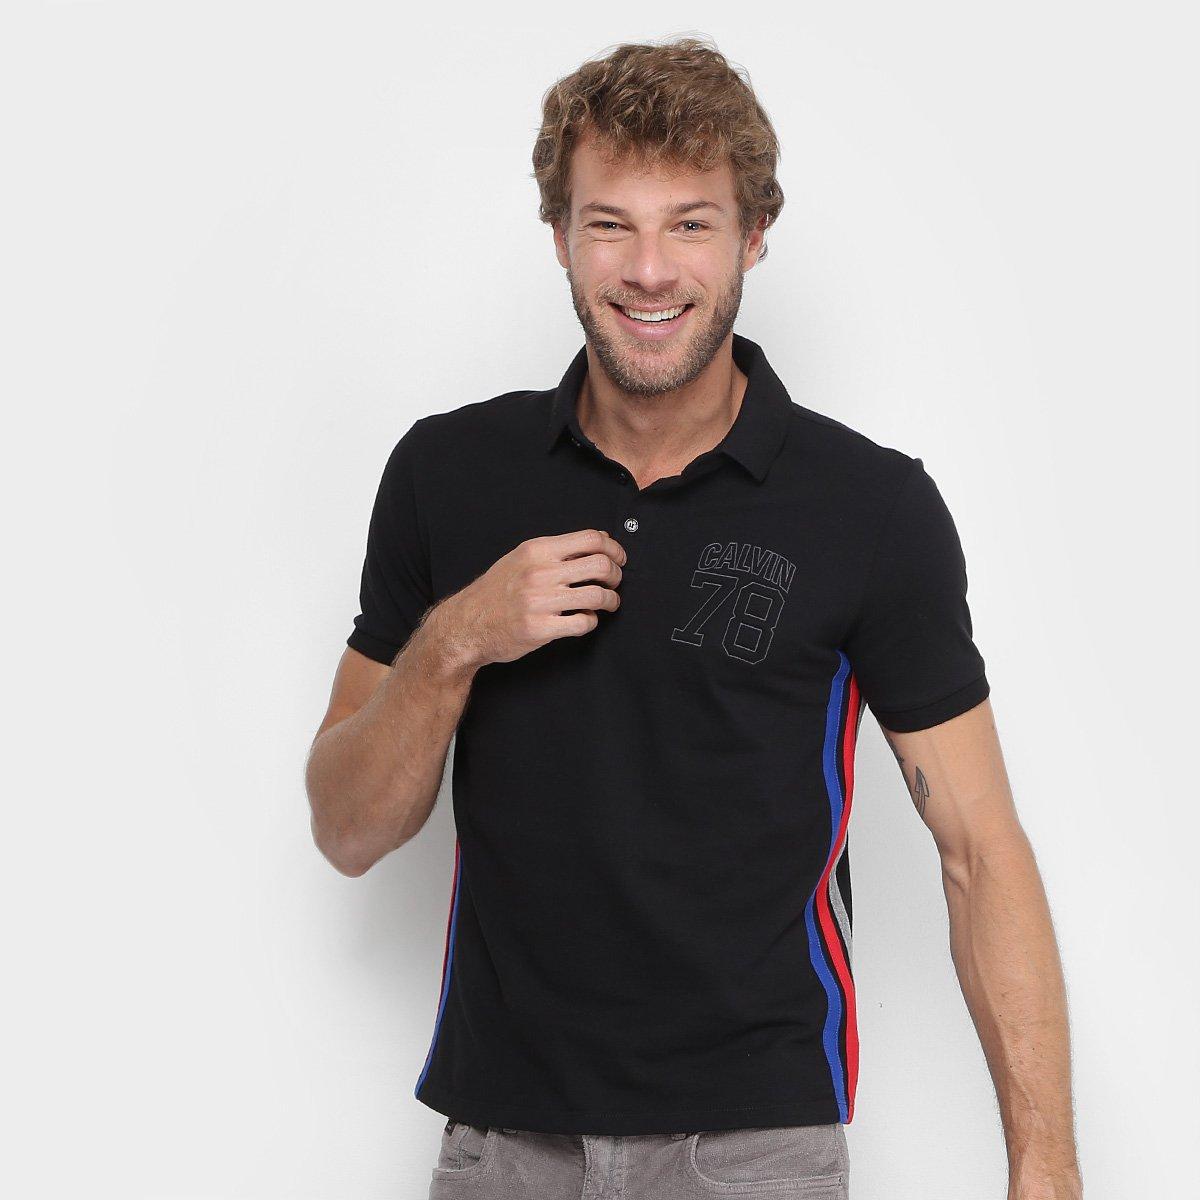 d5e7a2befc Camisa Polo Calvin Klein Piquet Listra Lateral Masculina - Shopping ...